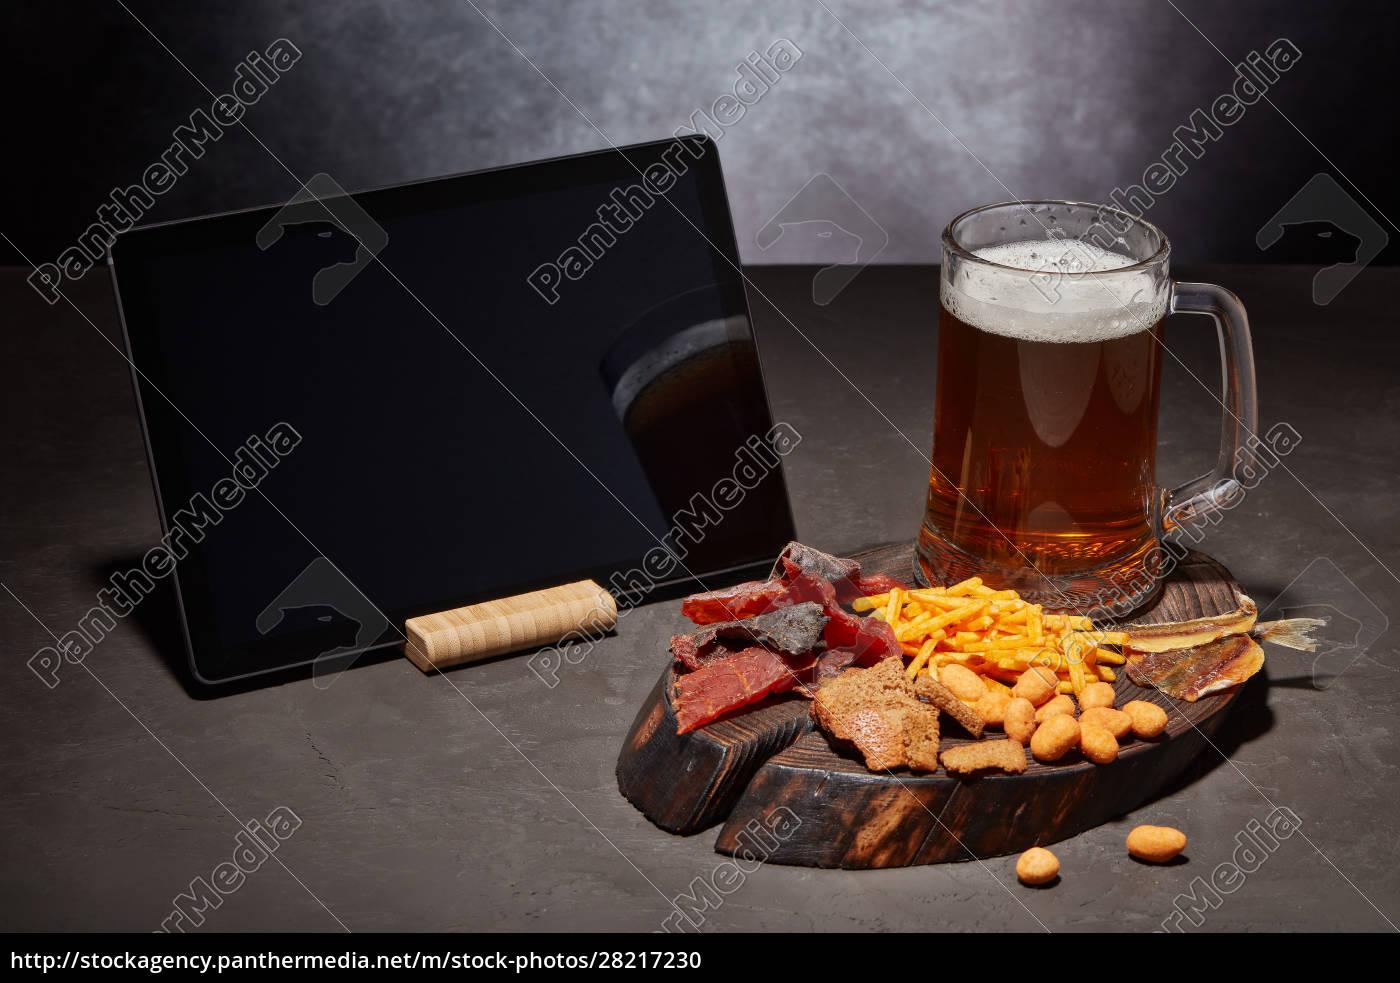 glass, mug, with, beer, and, snacks - 28217230